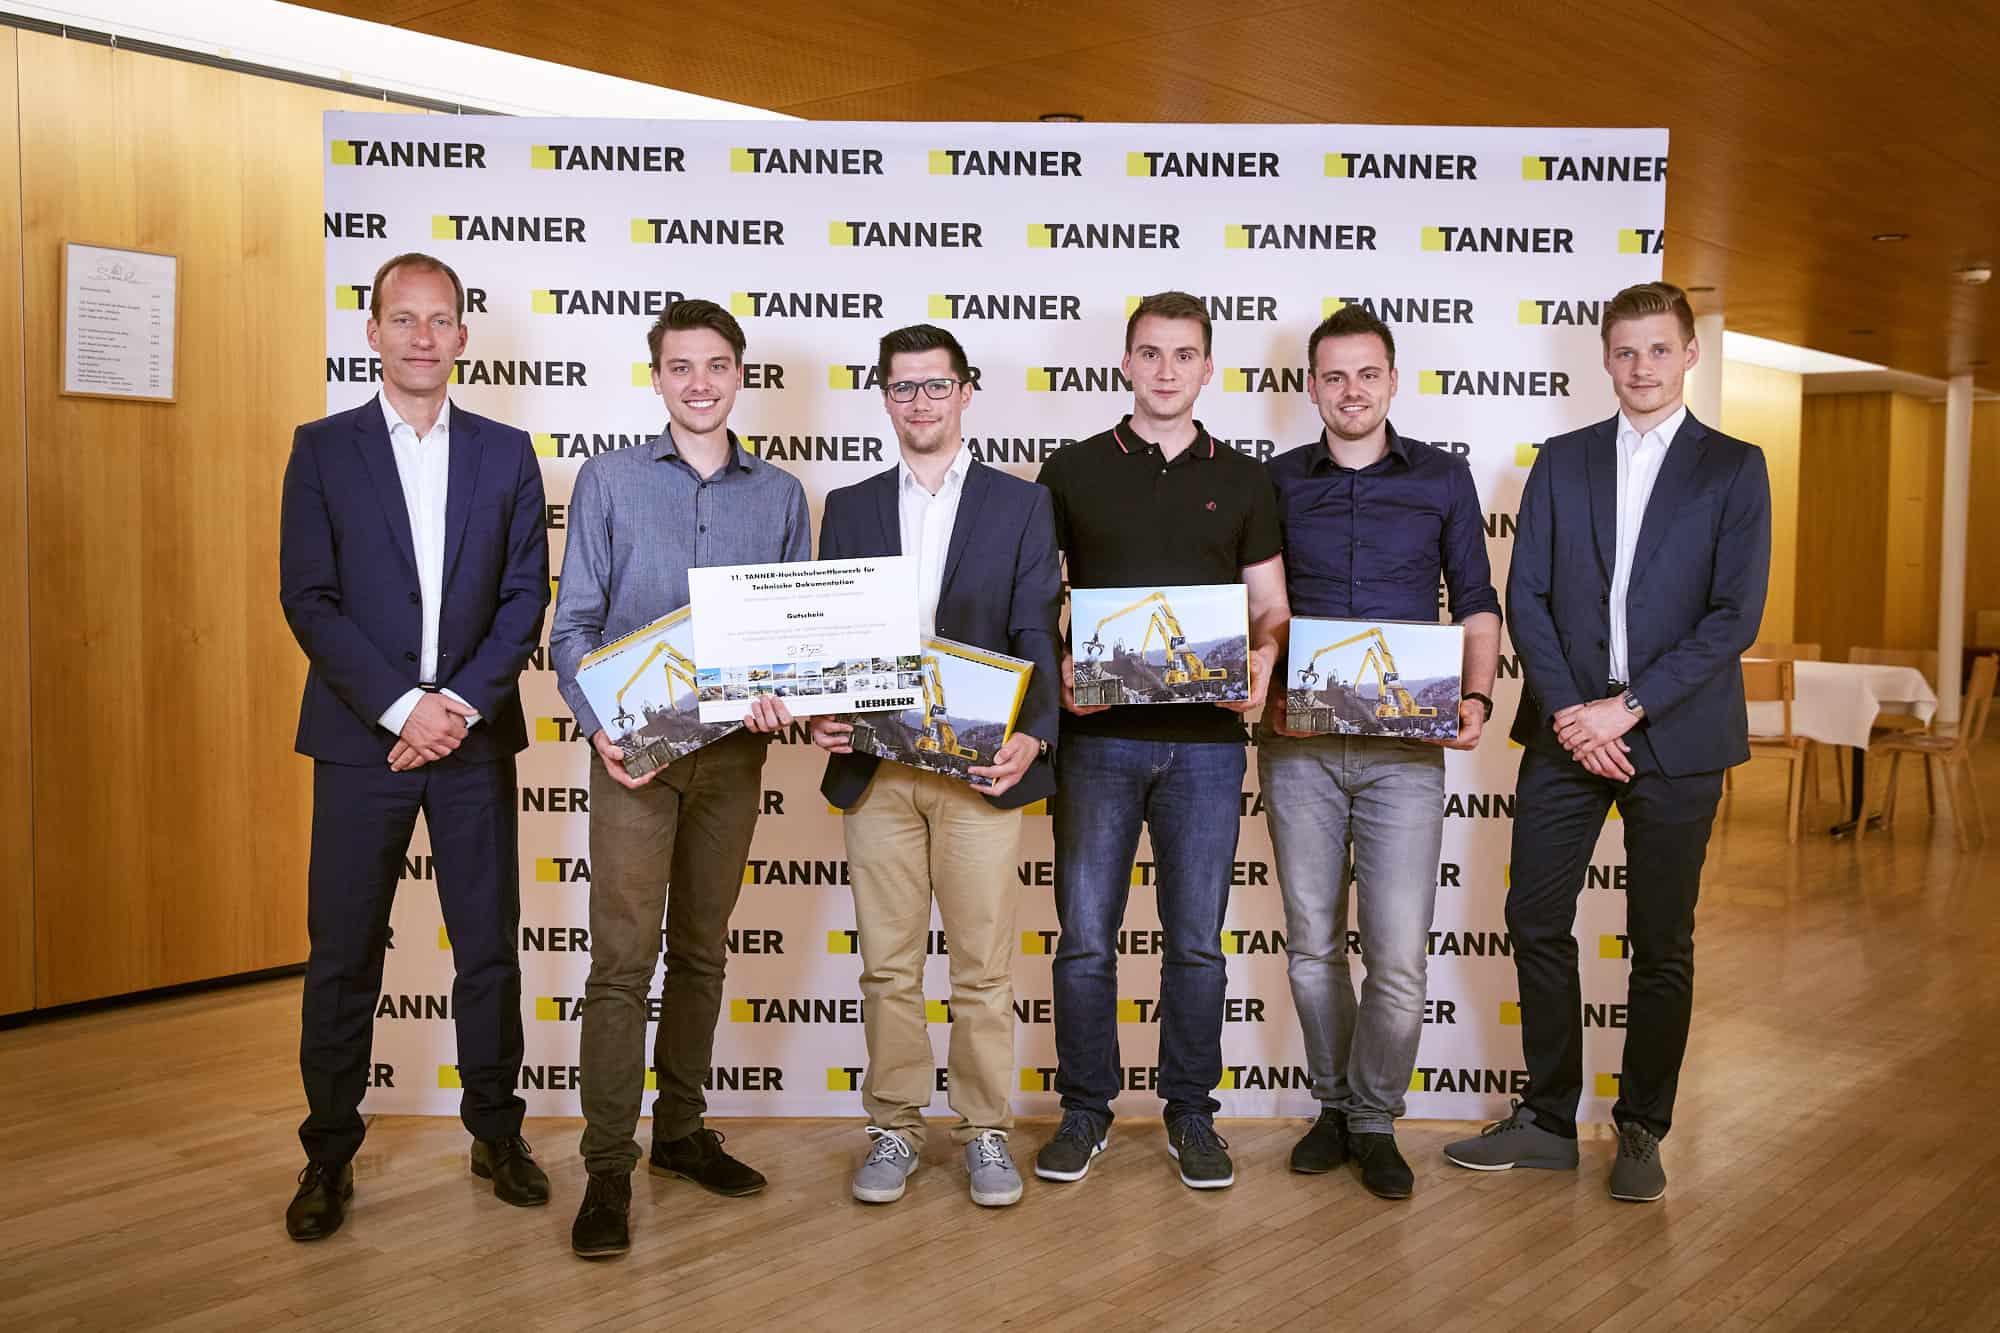 Gruppenbild Team von der Hochschule Aalen beim 11. TANNER-Hochschulwettbewerb